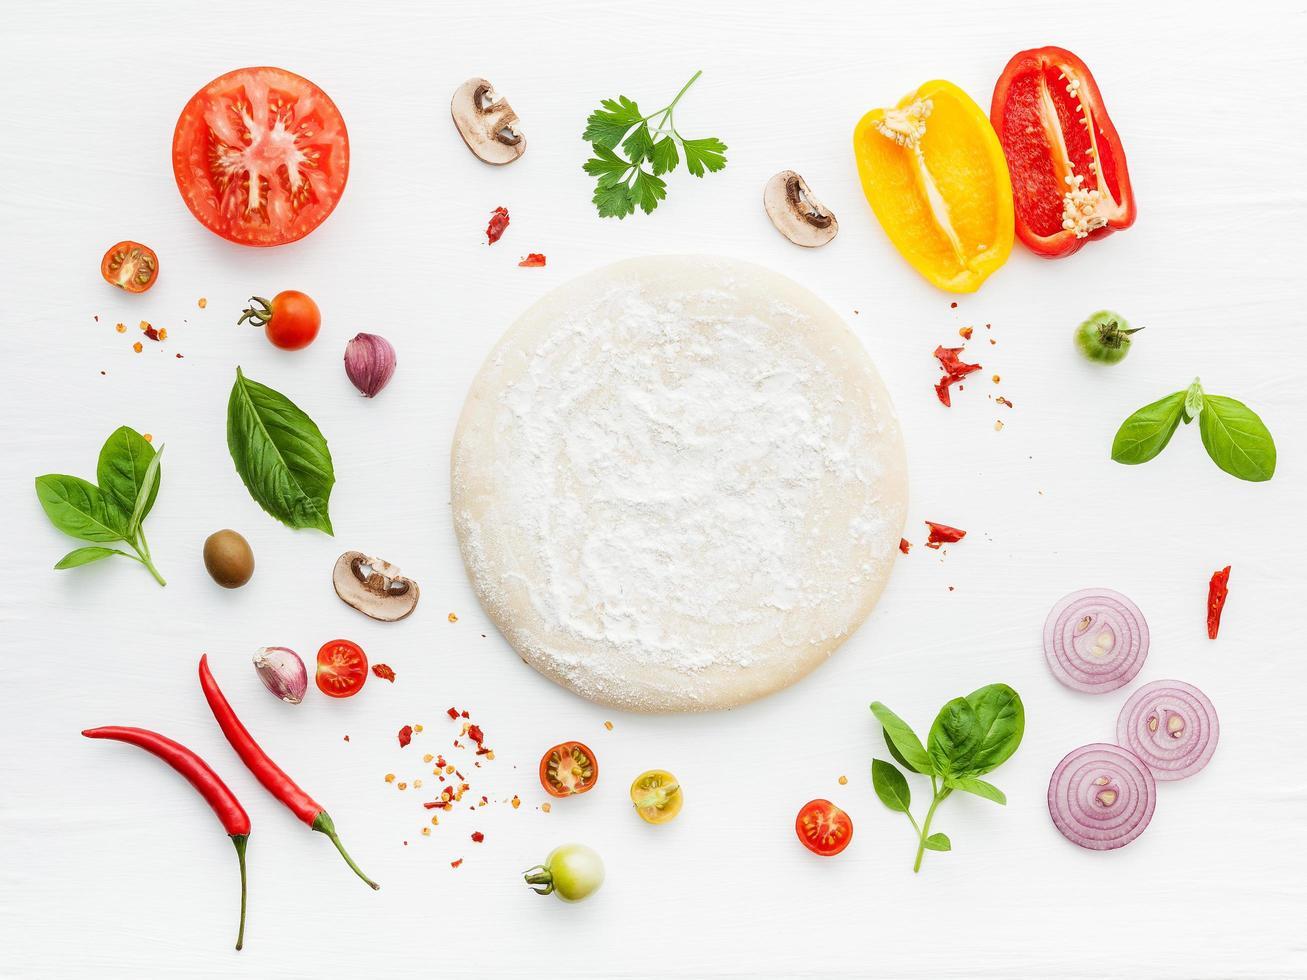 pizzadeeg en ingrediënten op wit foto